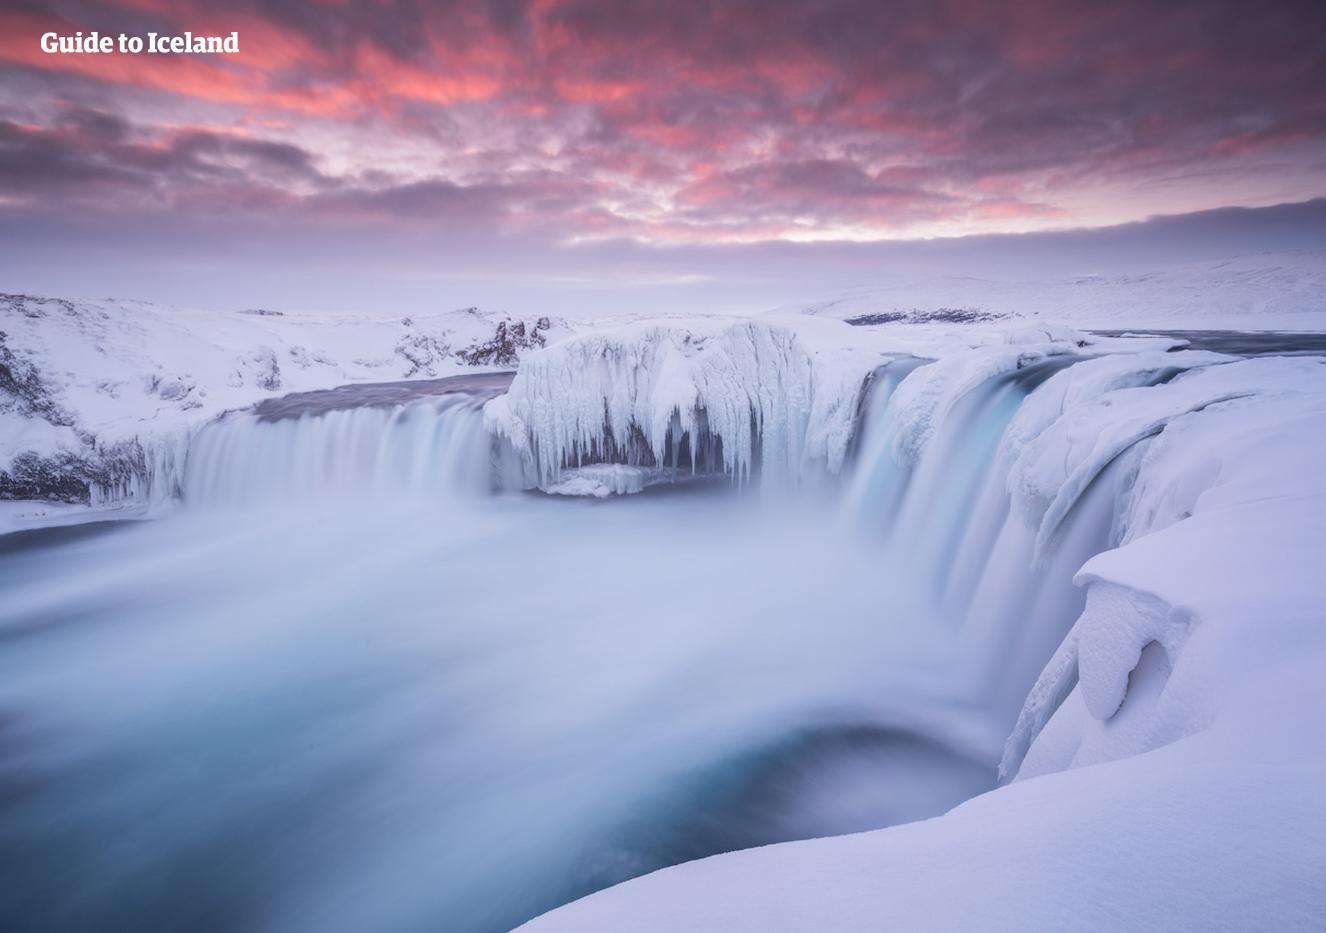 冰岛北部众神瀑布(Goðafoss)在冰岛隆冬中的景色